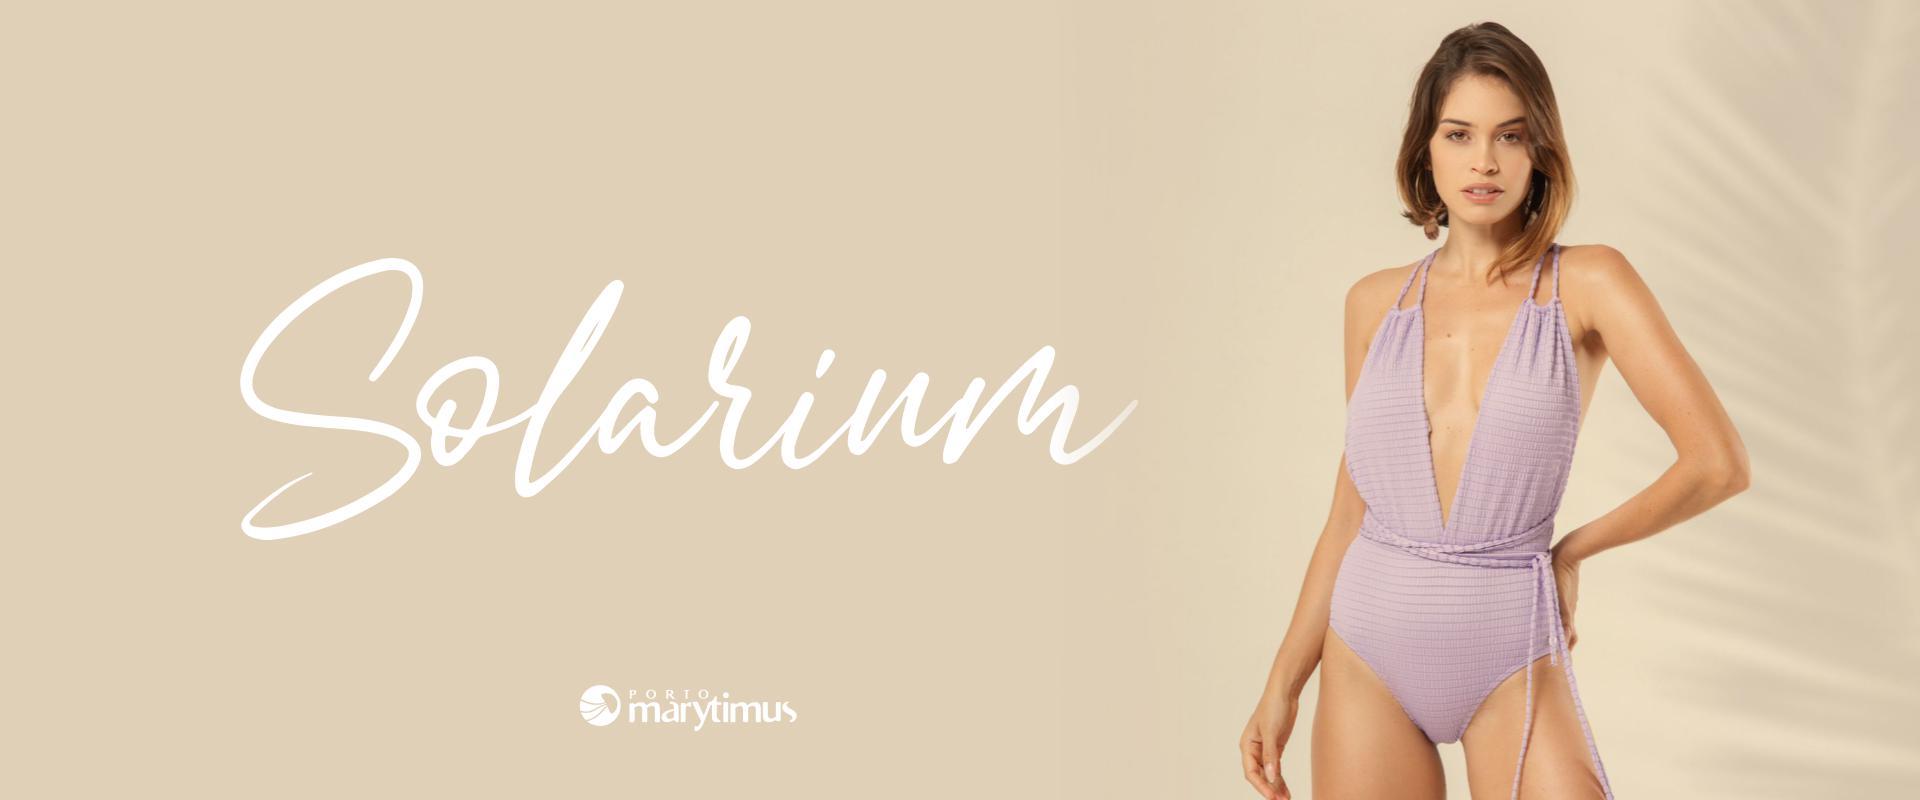 banner solarium 2